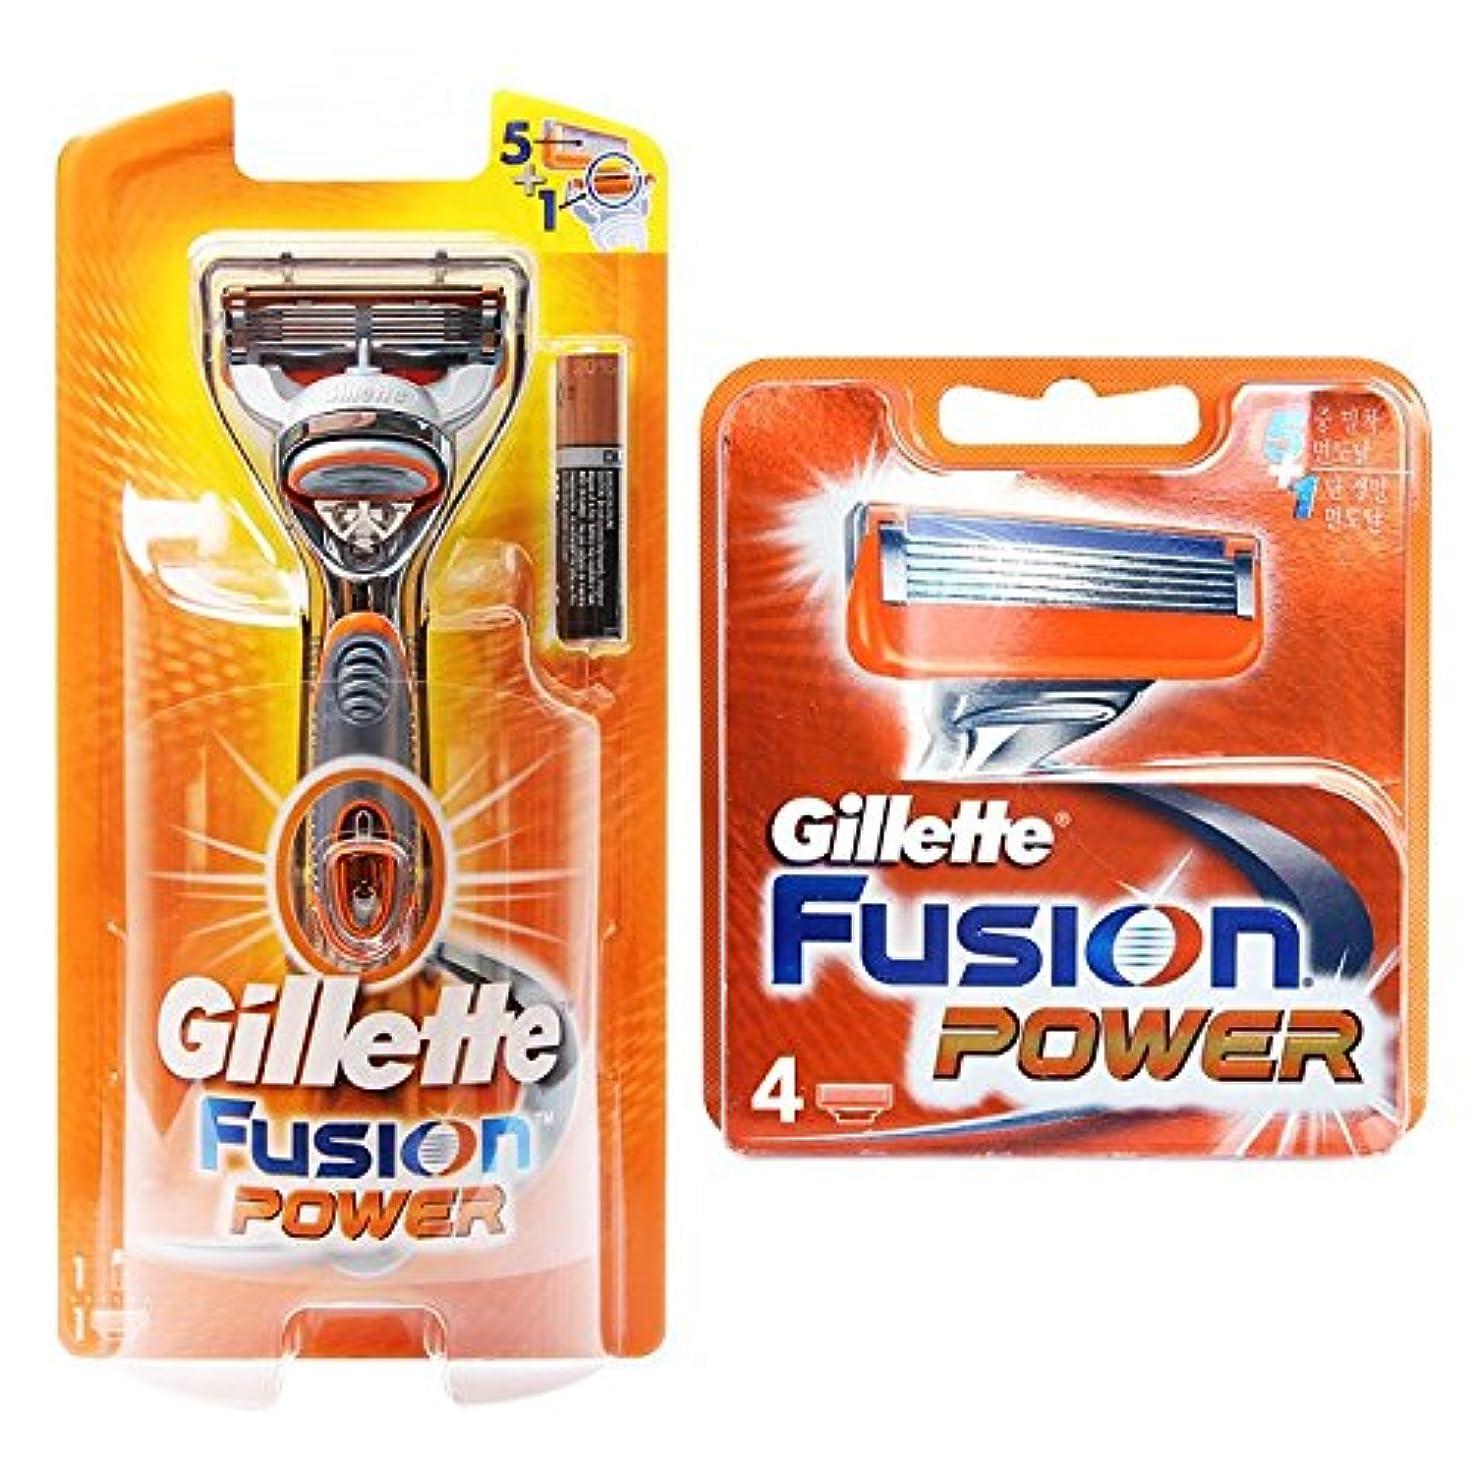 製油所招待葉っぱGillette Fusion Power 1レイザー+4カートリッジリフィルブレイド [並行輸入品]